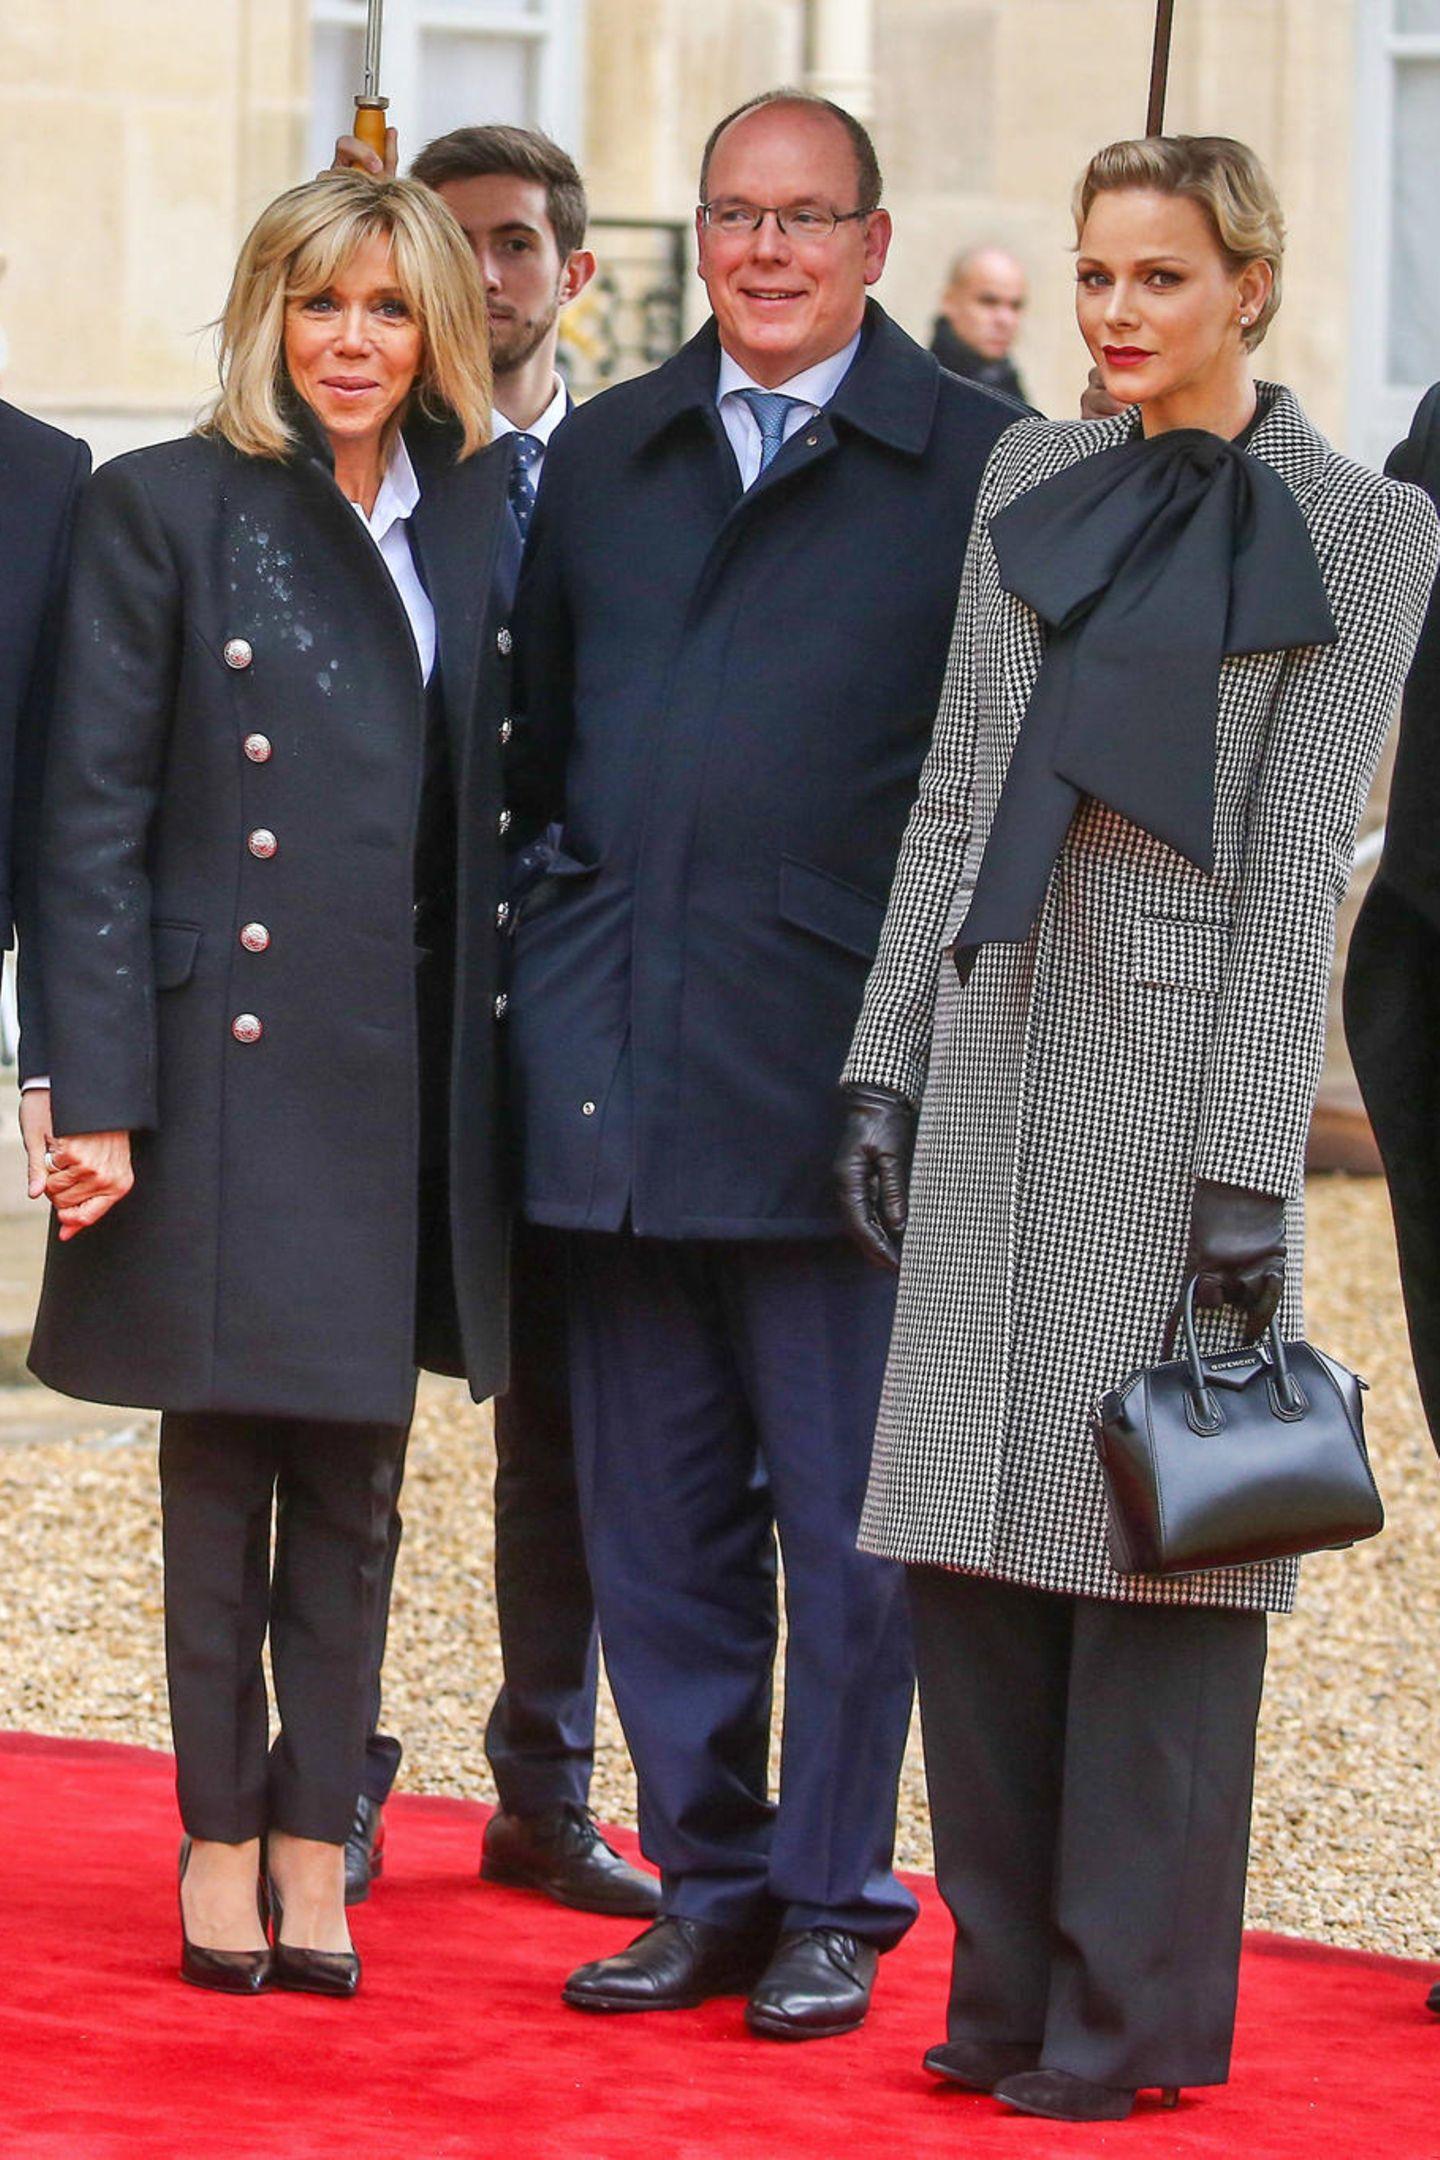 Fürstin Charléne kombiniert zu einer schwarzen, weiten Hose eine schwarze Bluse mit einer überdimensionalen Schleife. Über diesem Look trägt sie einen schwarz-weißen Mantel im Hahnentrittmuster.